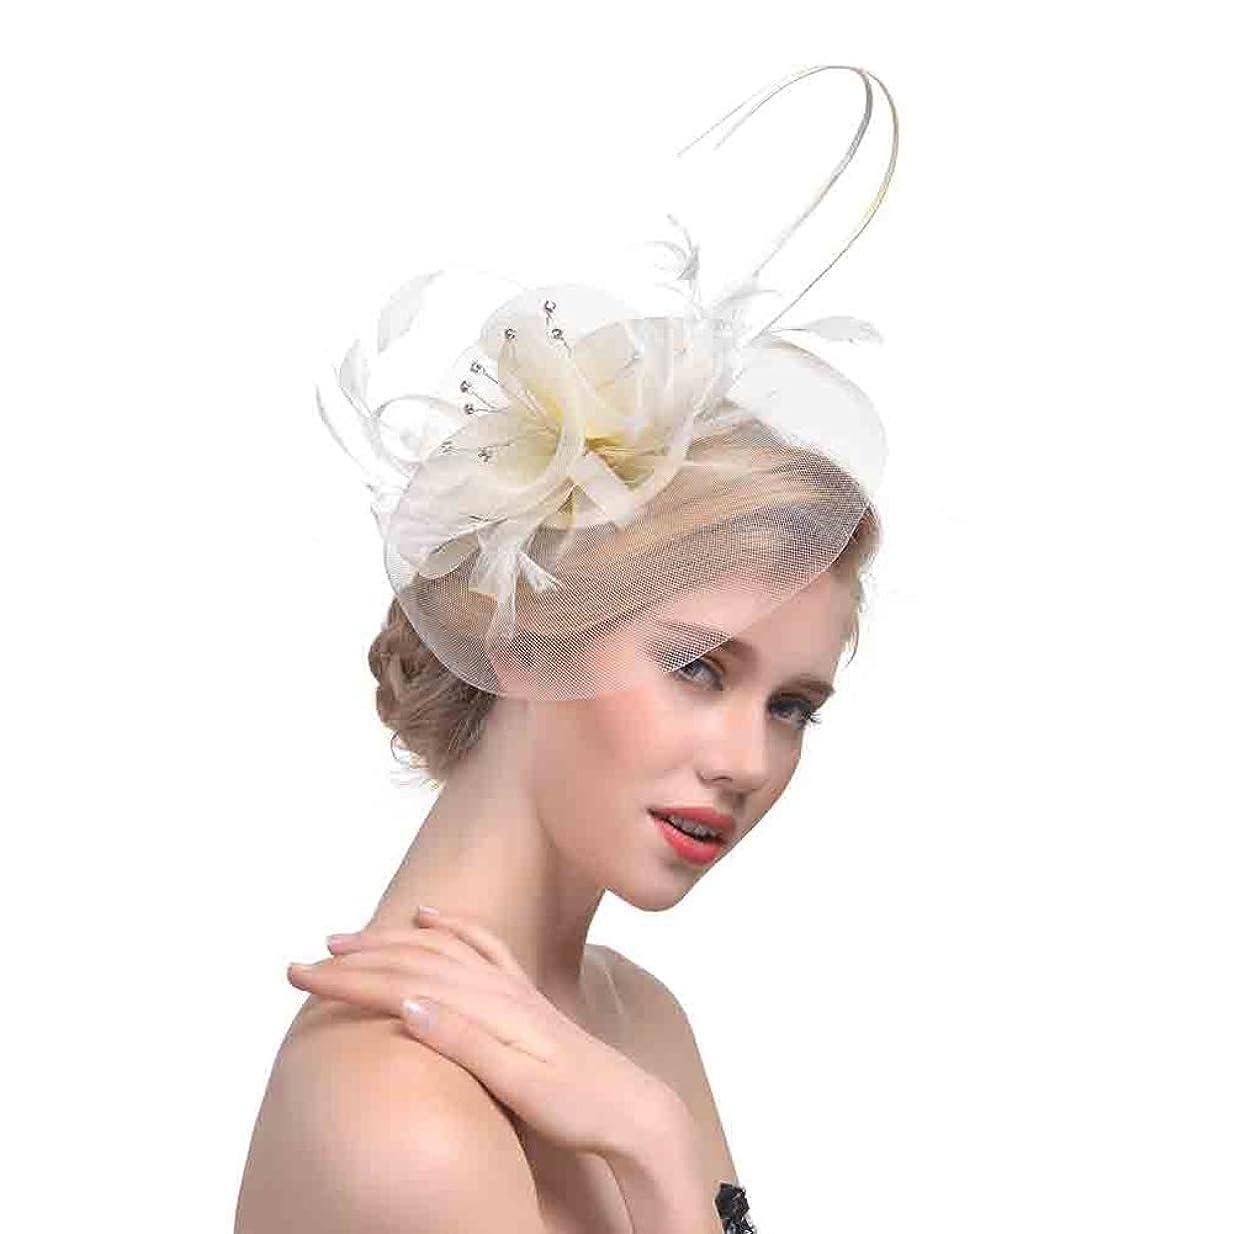 リスト上に築きますためらうDefinito-JP Jockey Club Banquet Small Top Hat Bowler Hat Bridal Mesh Headdress Hair Accessories